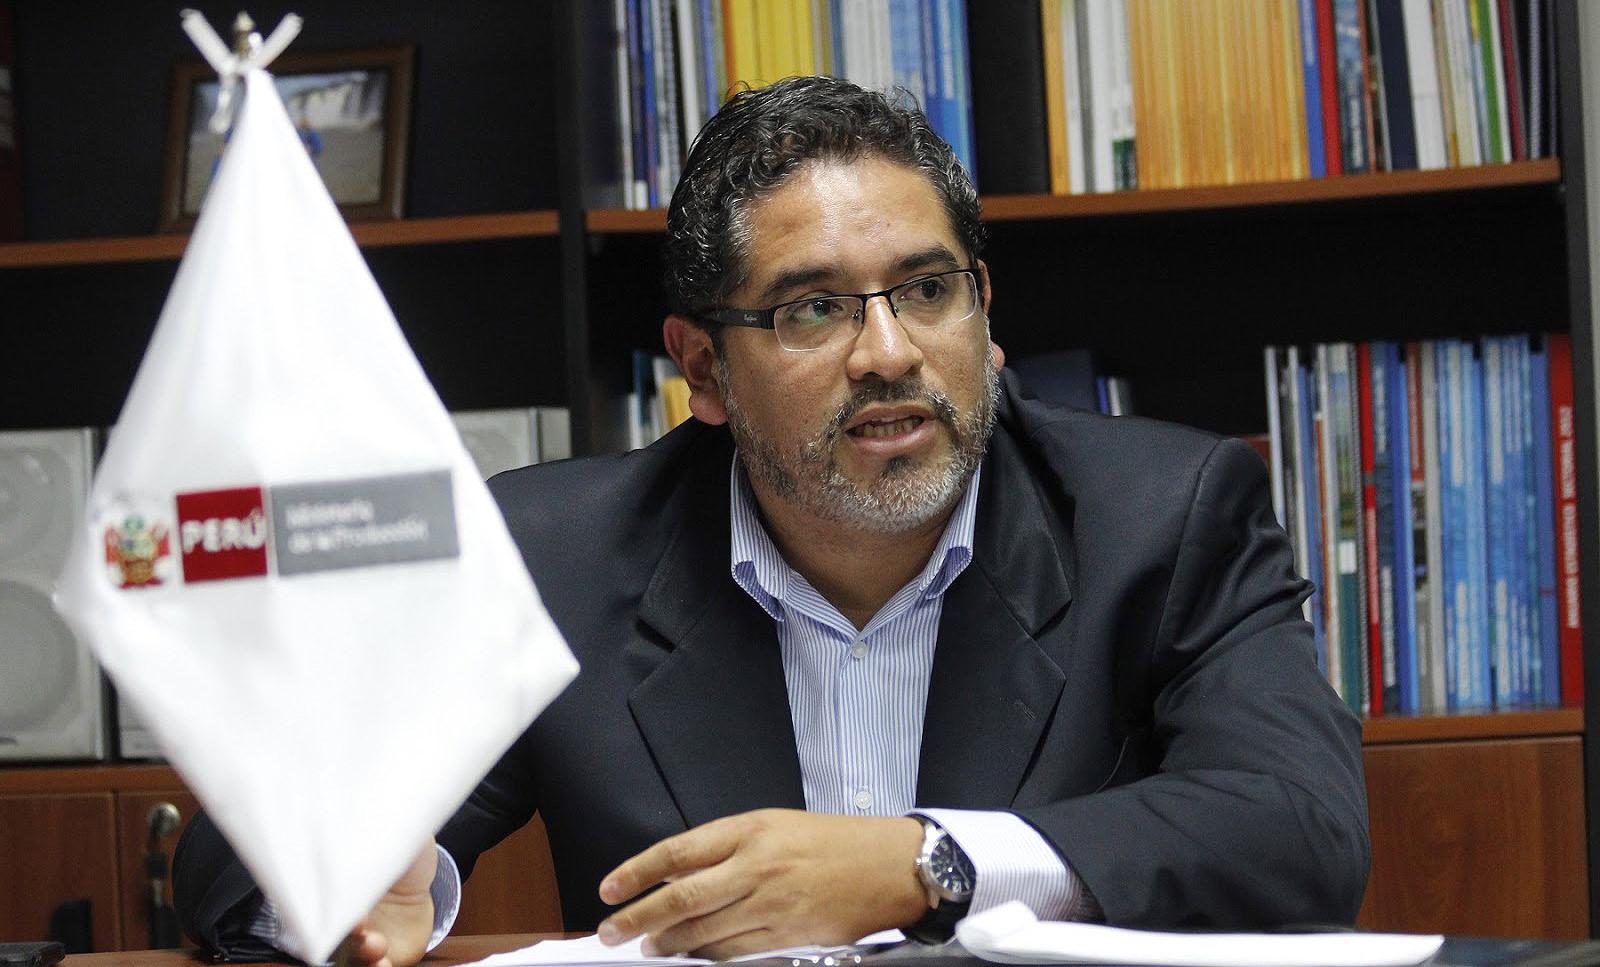 sunafil-juan-carlos-requejo-aleman-es-nombrado-superintendente